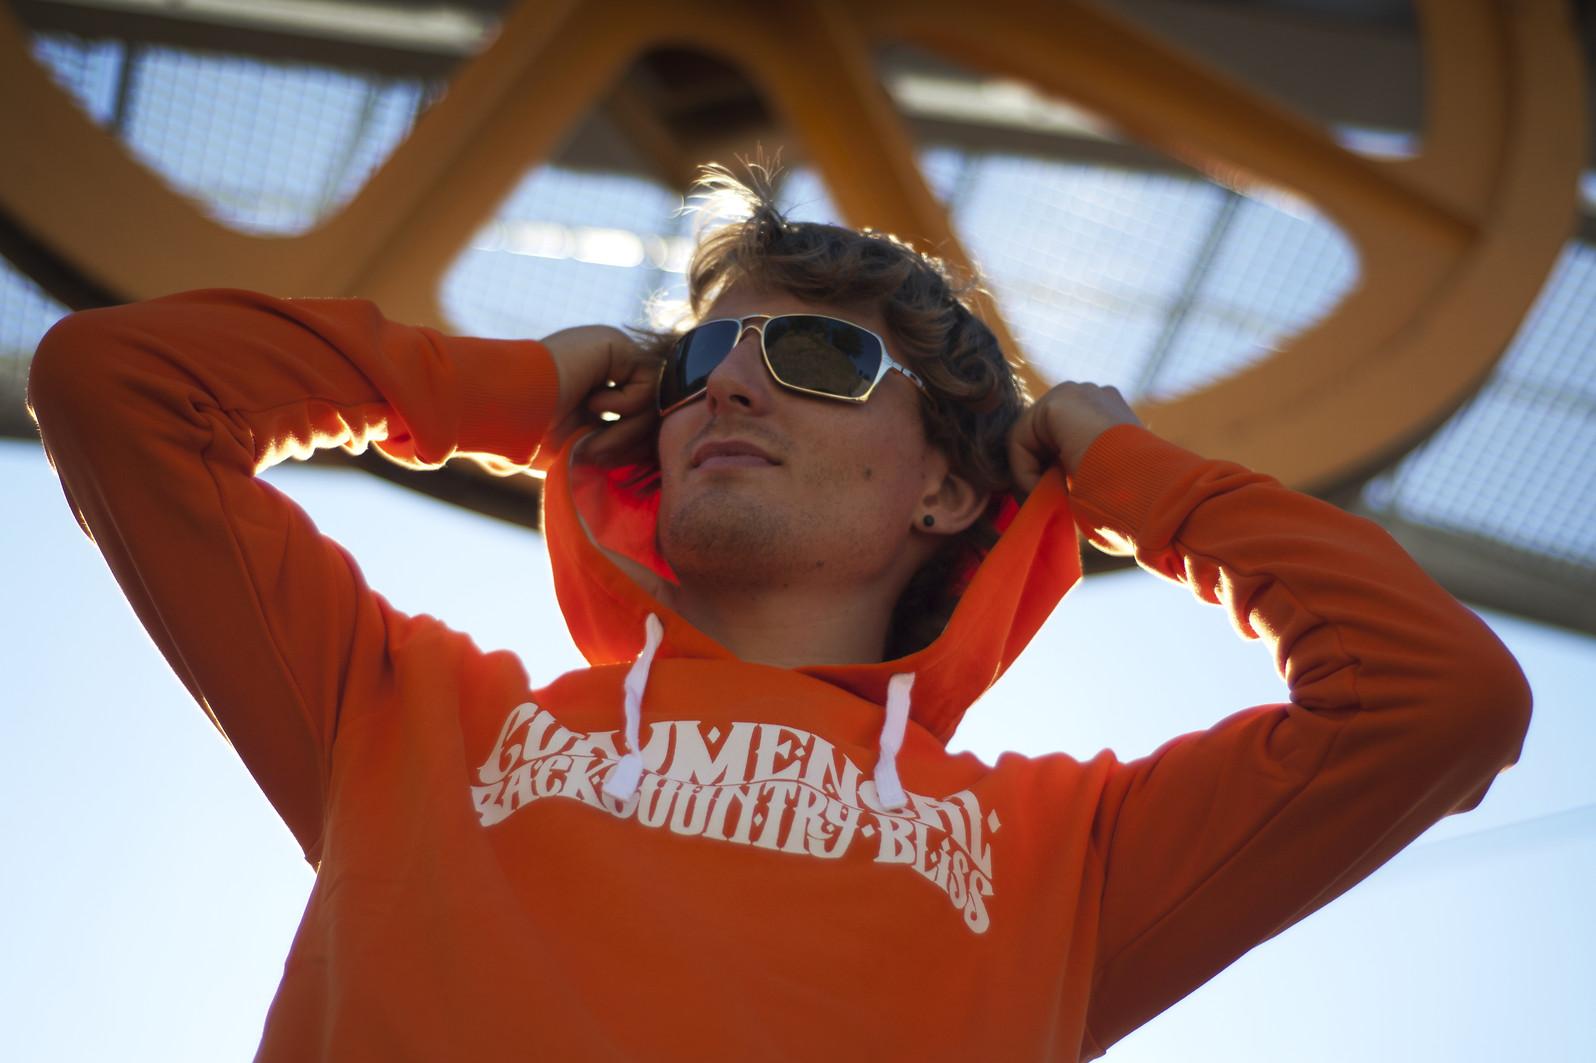 Commencal 2013 Hoodies  lifestyle hoodies 53